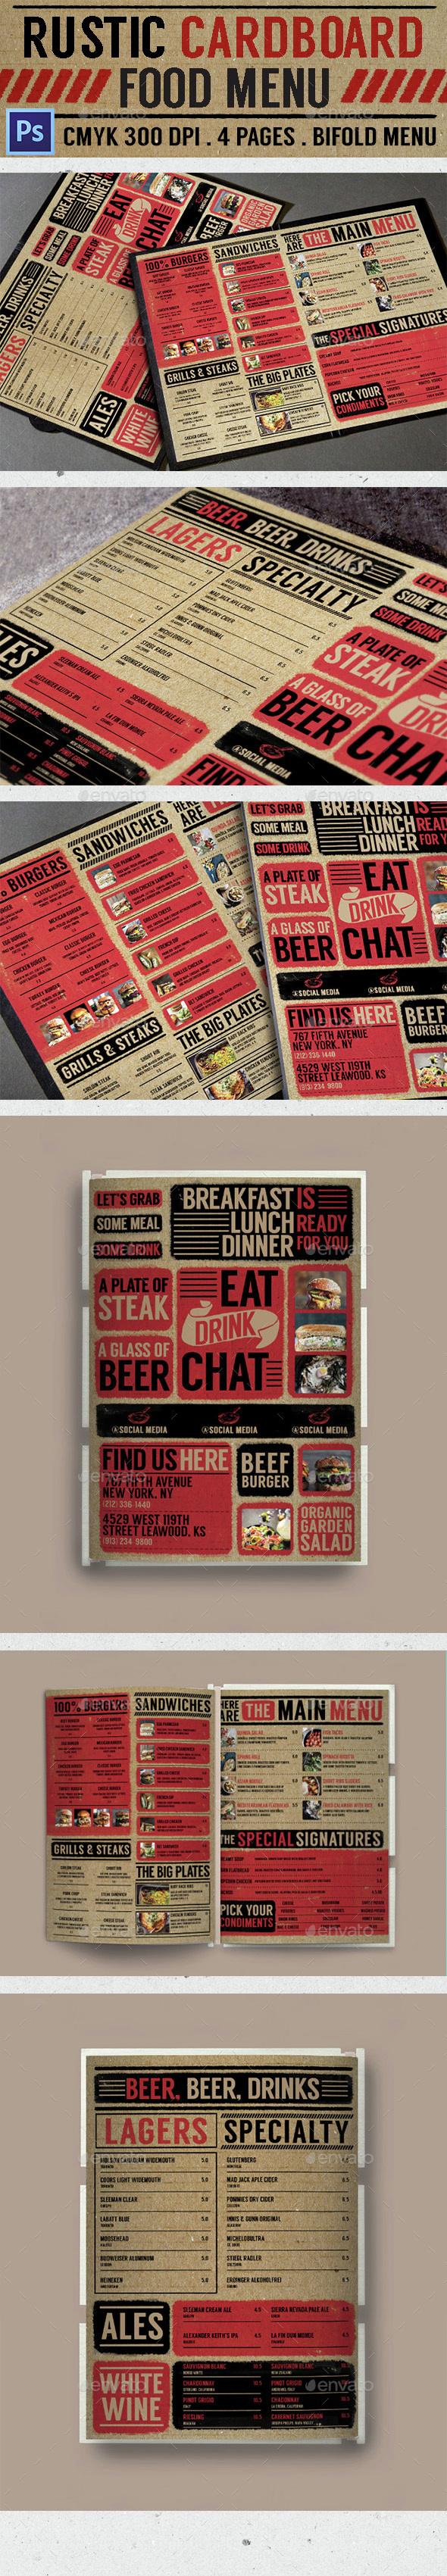 Rustic Cardboard Bifold Menu - Food Menus Print Templates